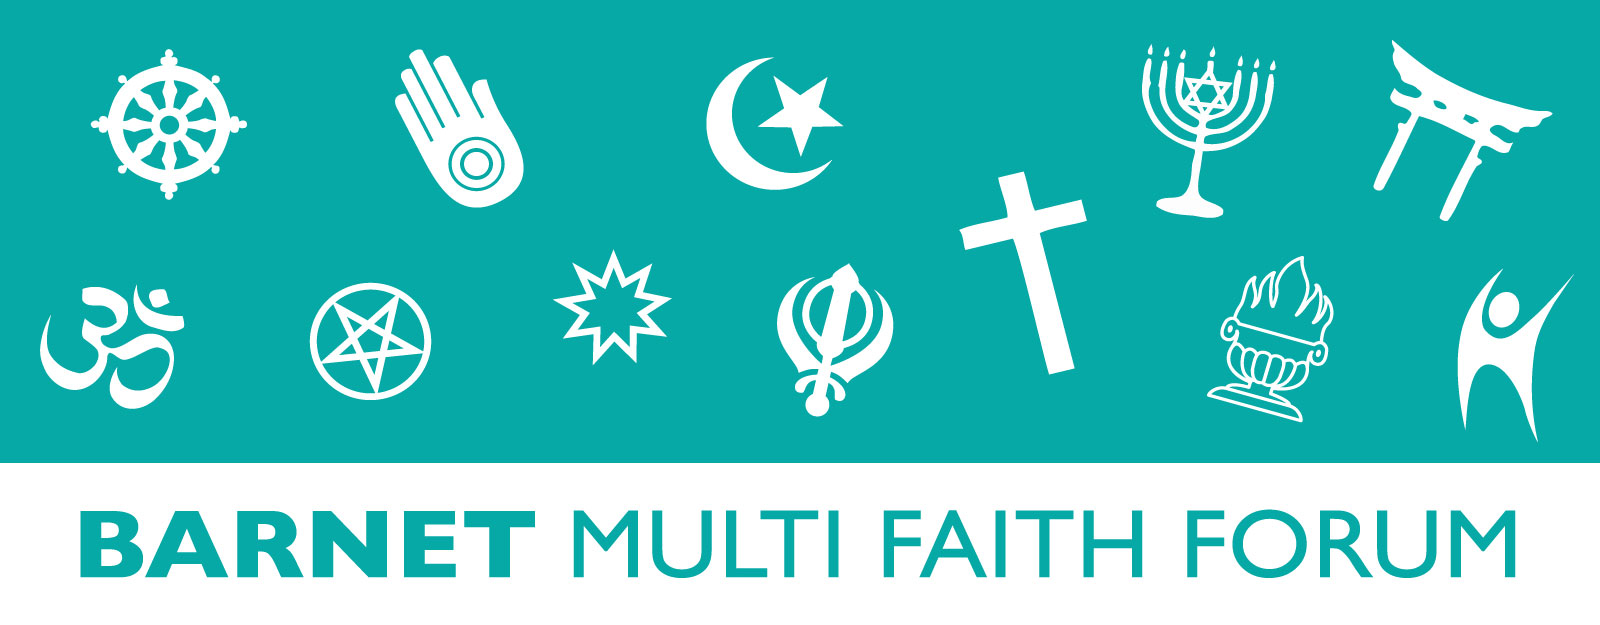 About Barnet Multi Faith Forum